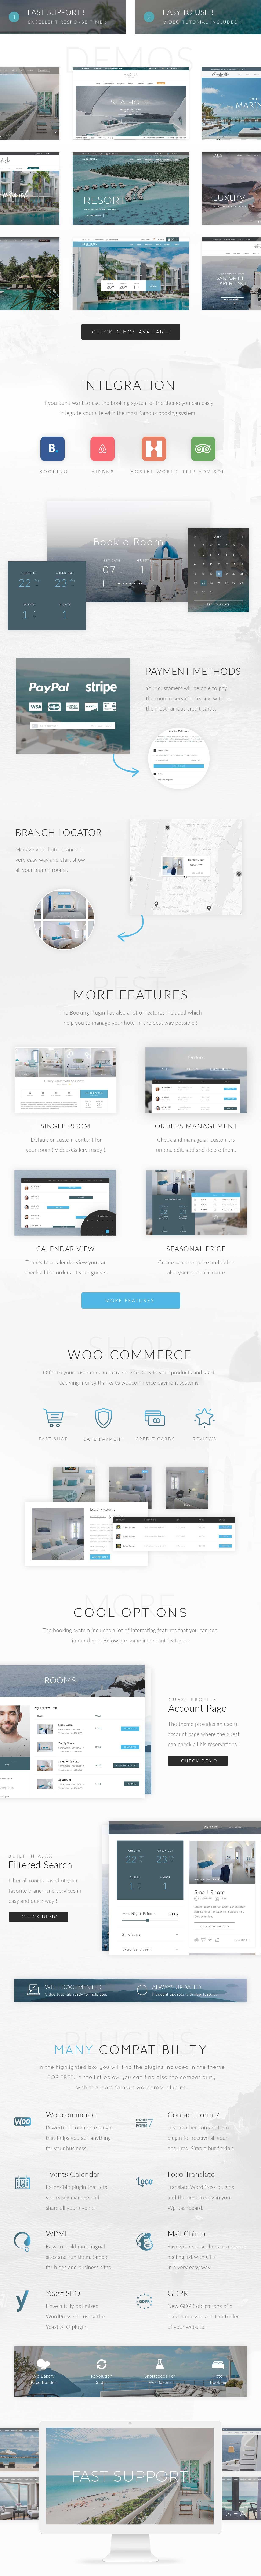 Marina - Hotel & Resort WordPress Theme - 1